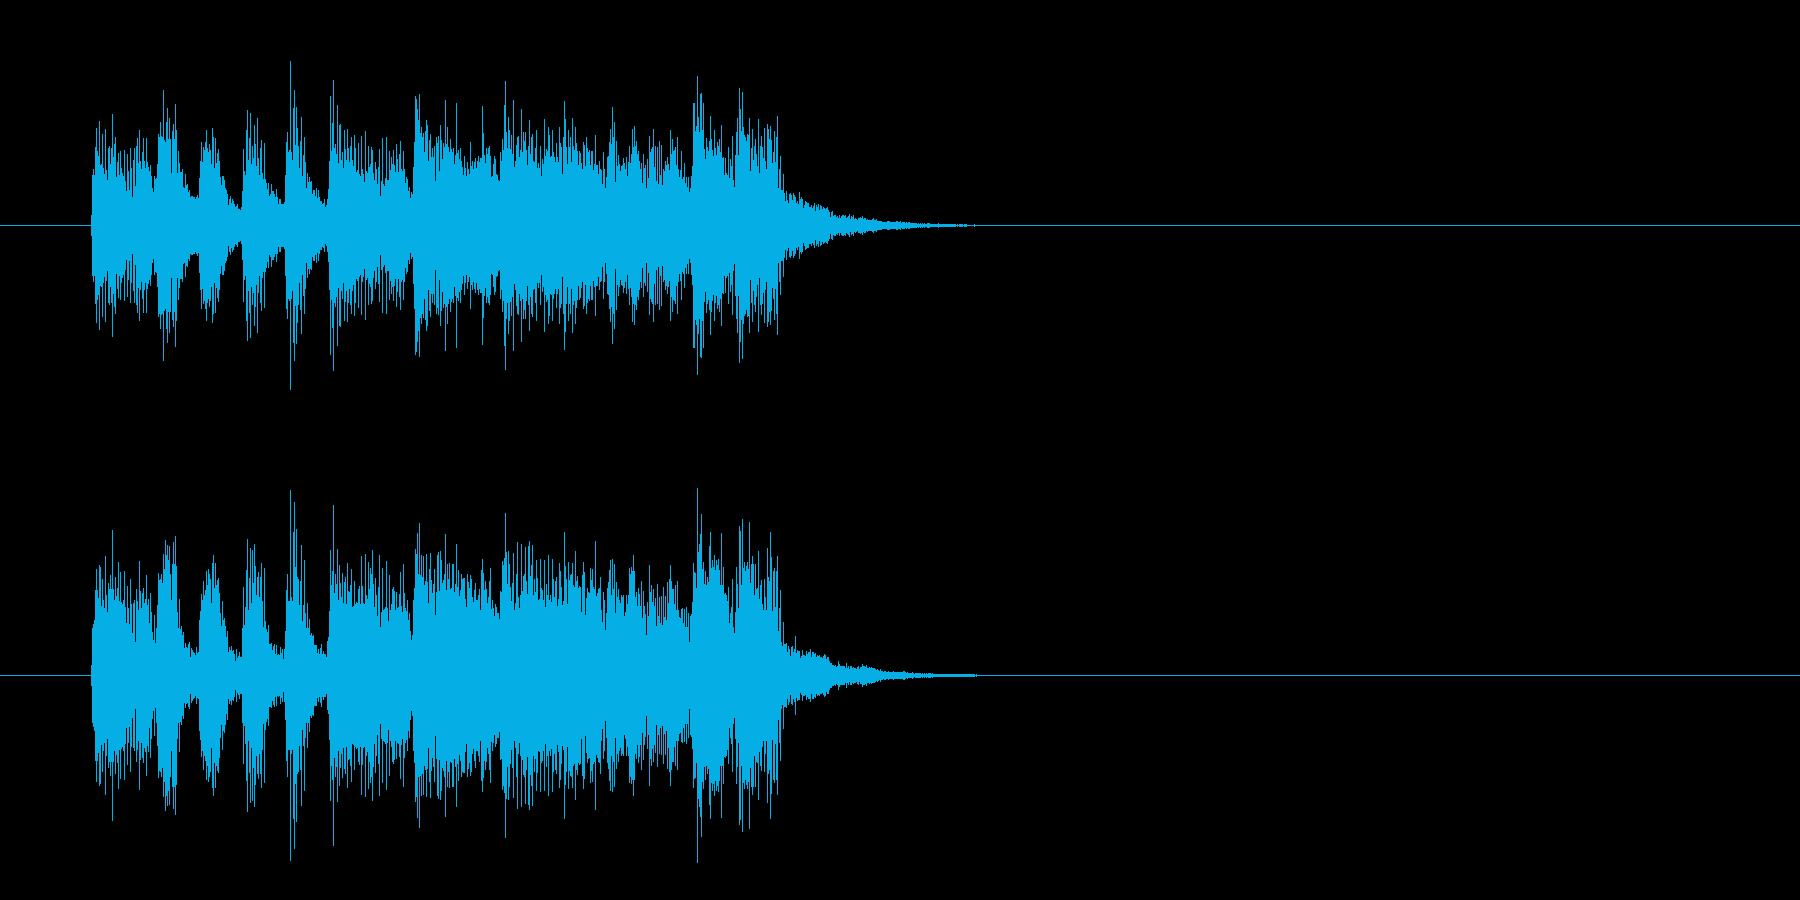 ジングル(ポップ/フュージョン風)の再生済みの波形